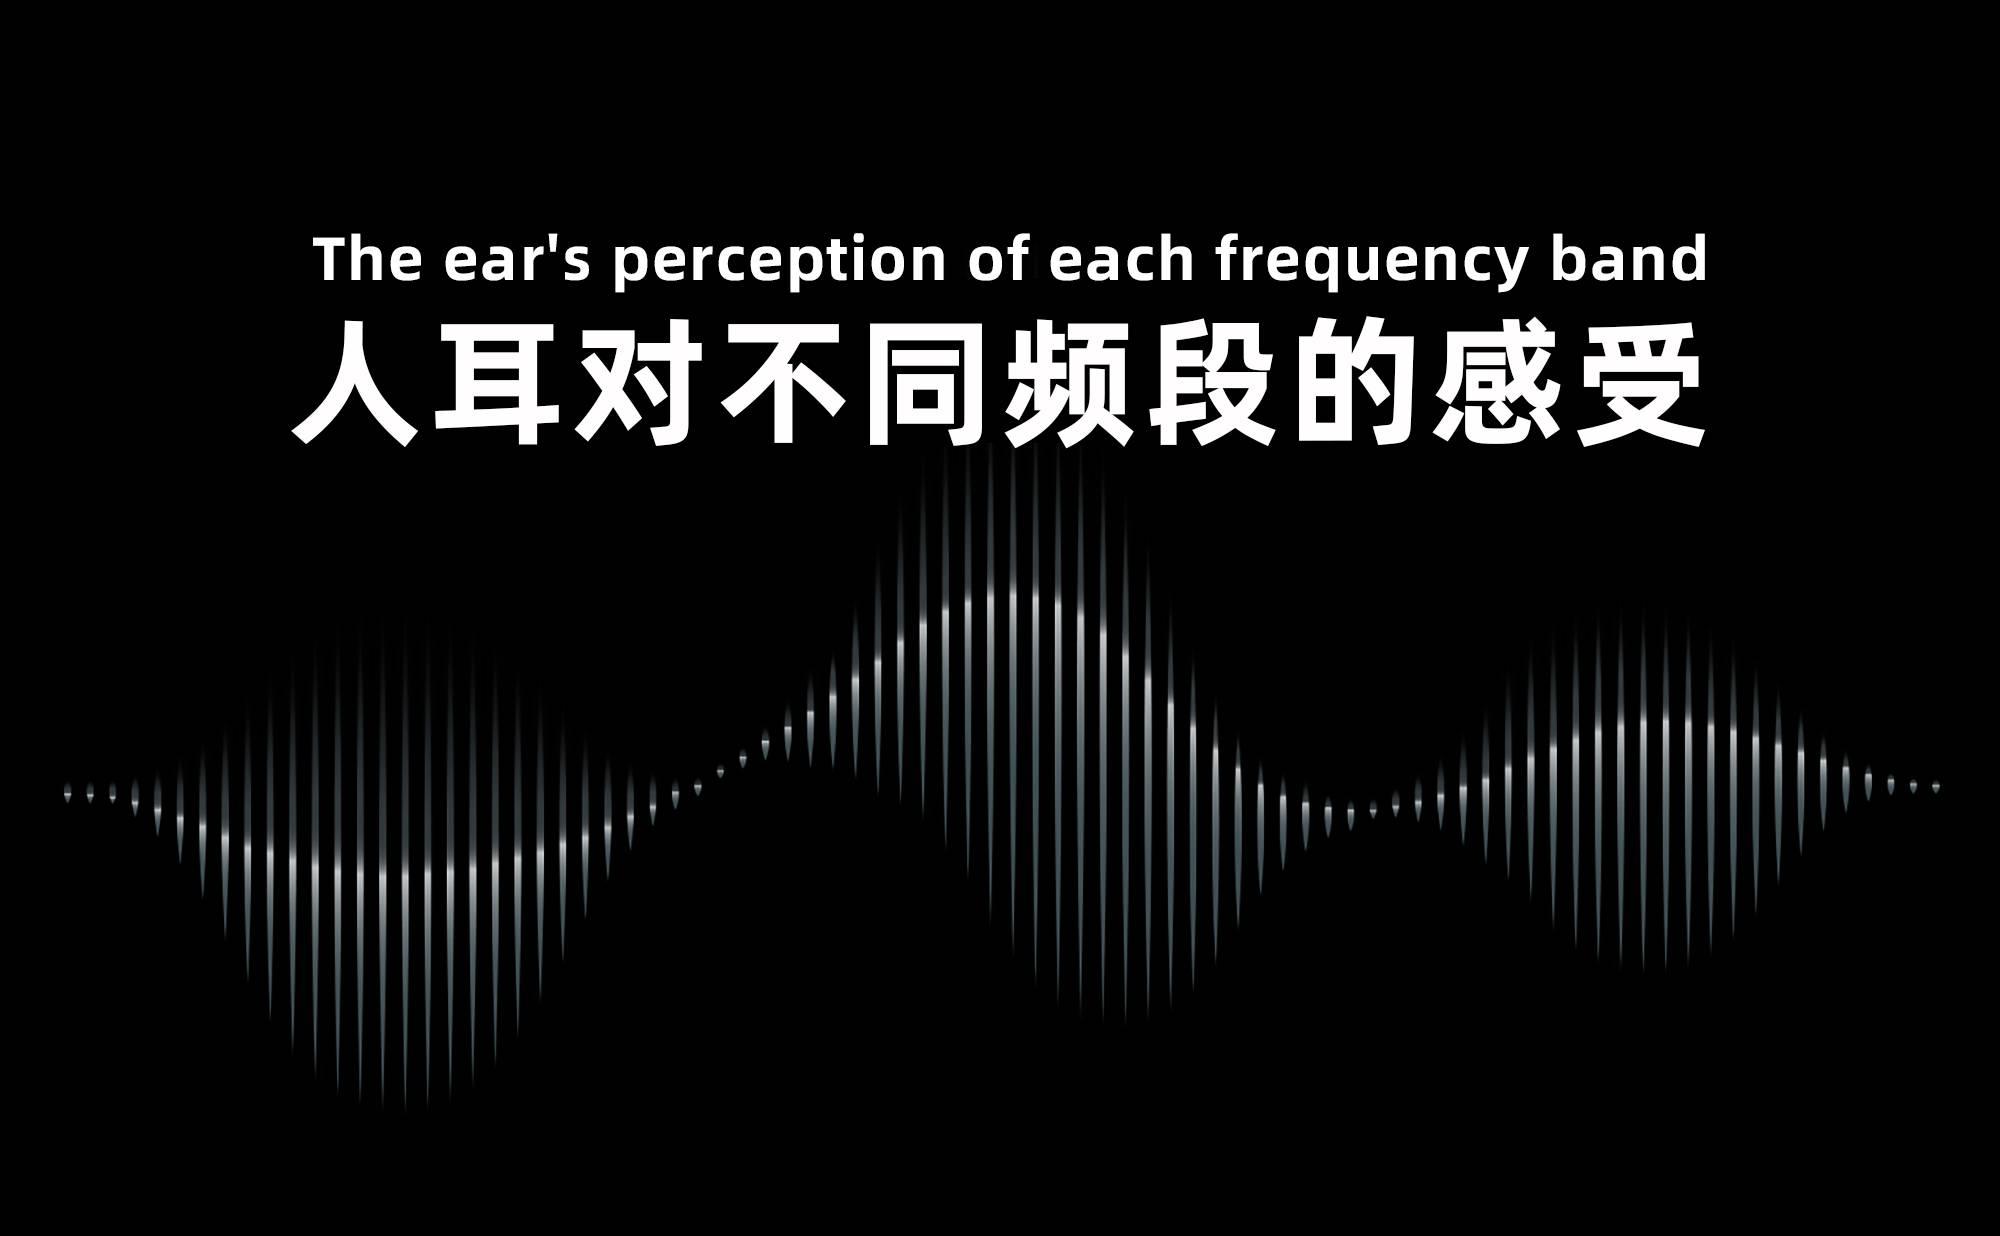 人耳对不同频段的感受